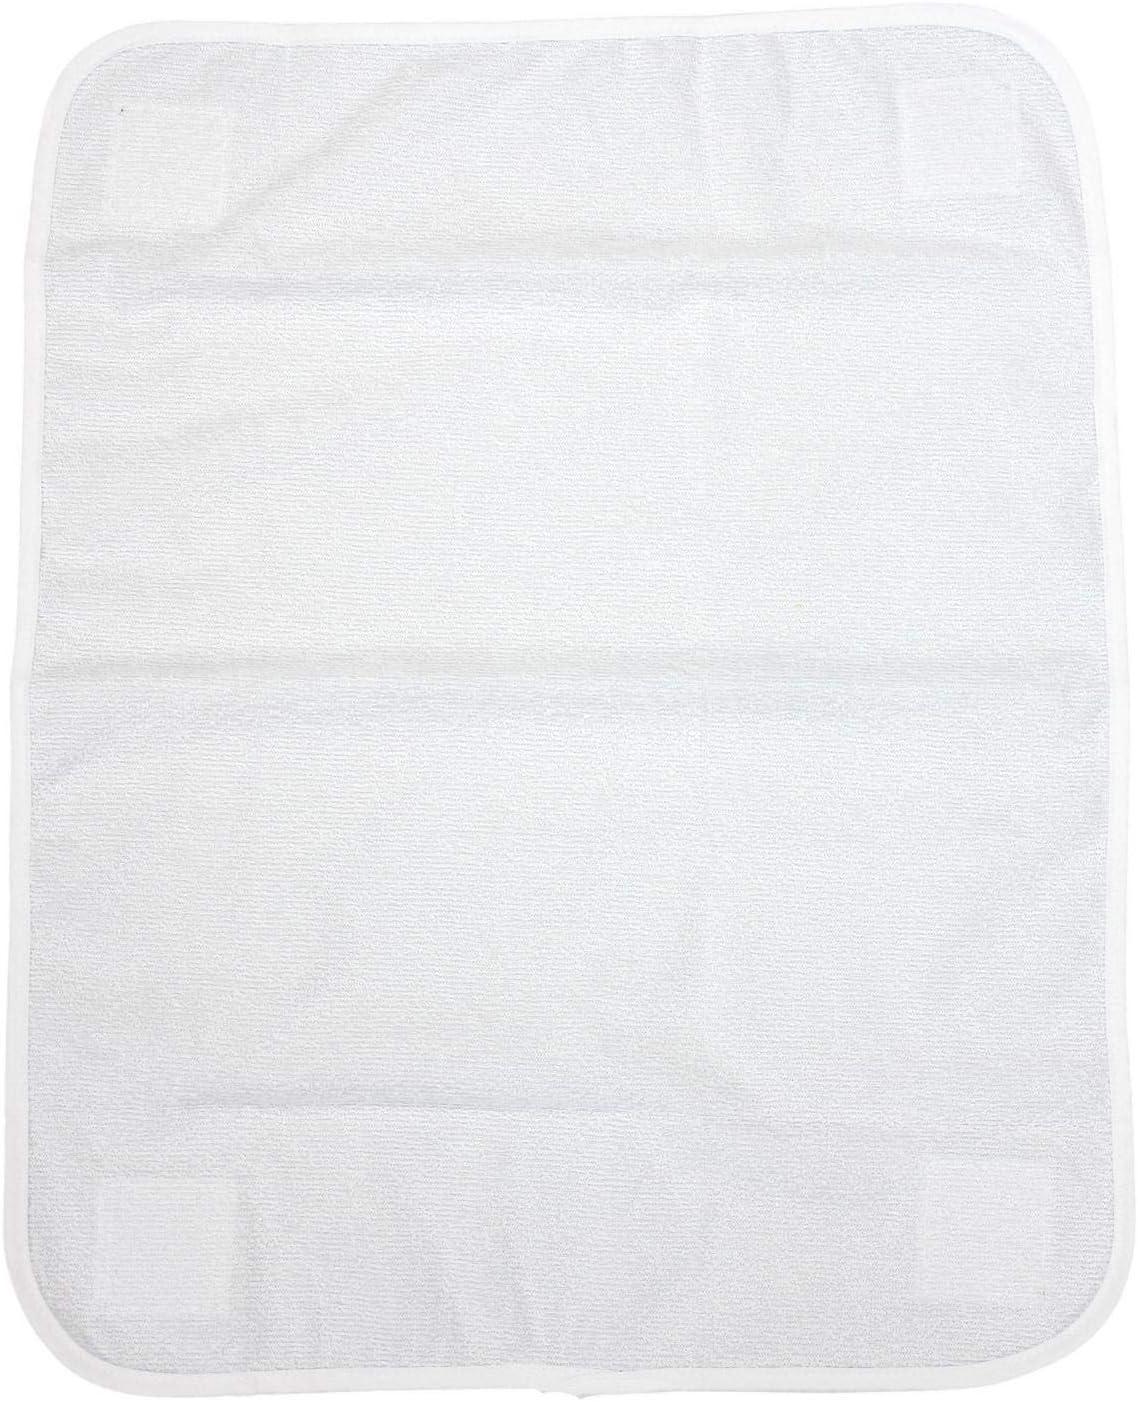 TupTam Toalla de Rizo para Cambiador de Bebé, Blanco, 44x58cm (para Colchón 70x70, 76x76)